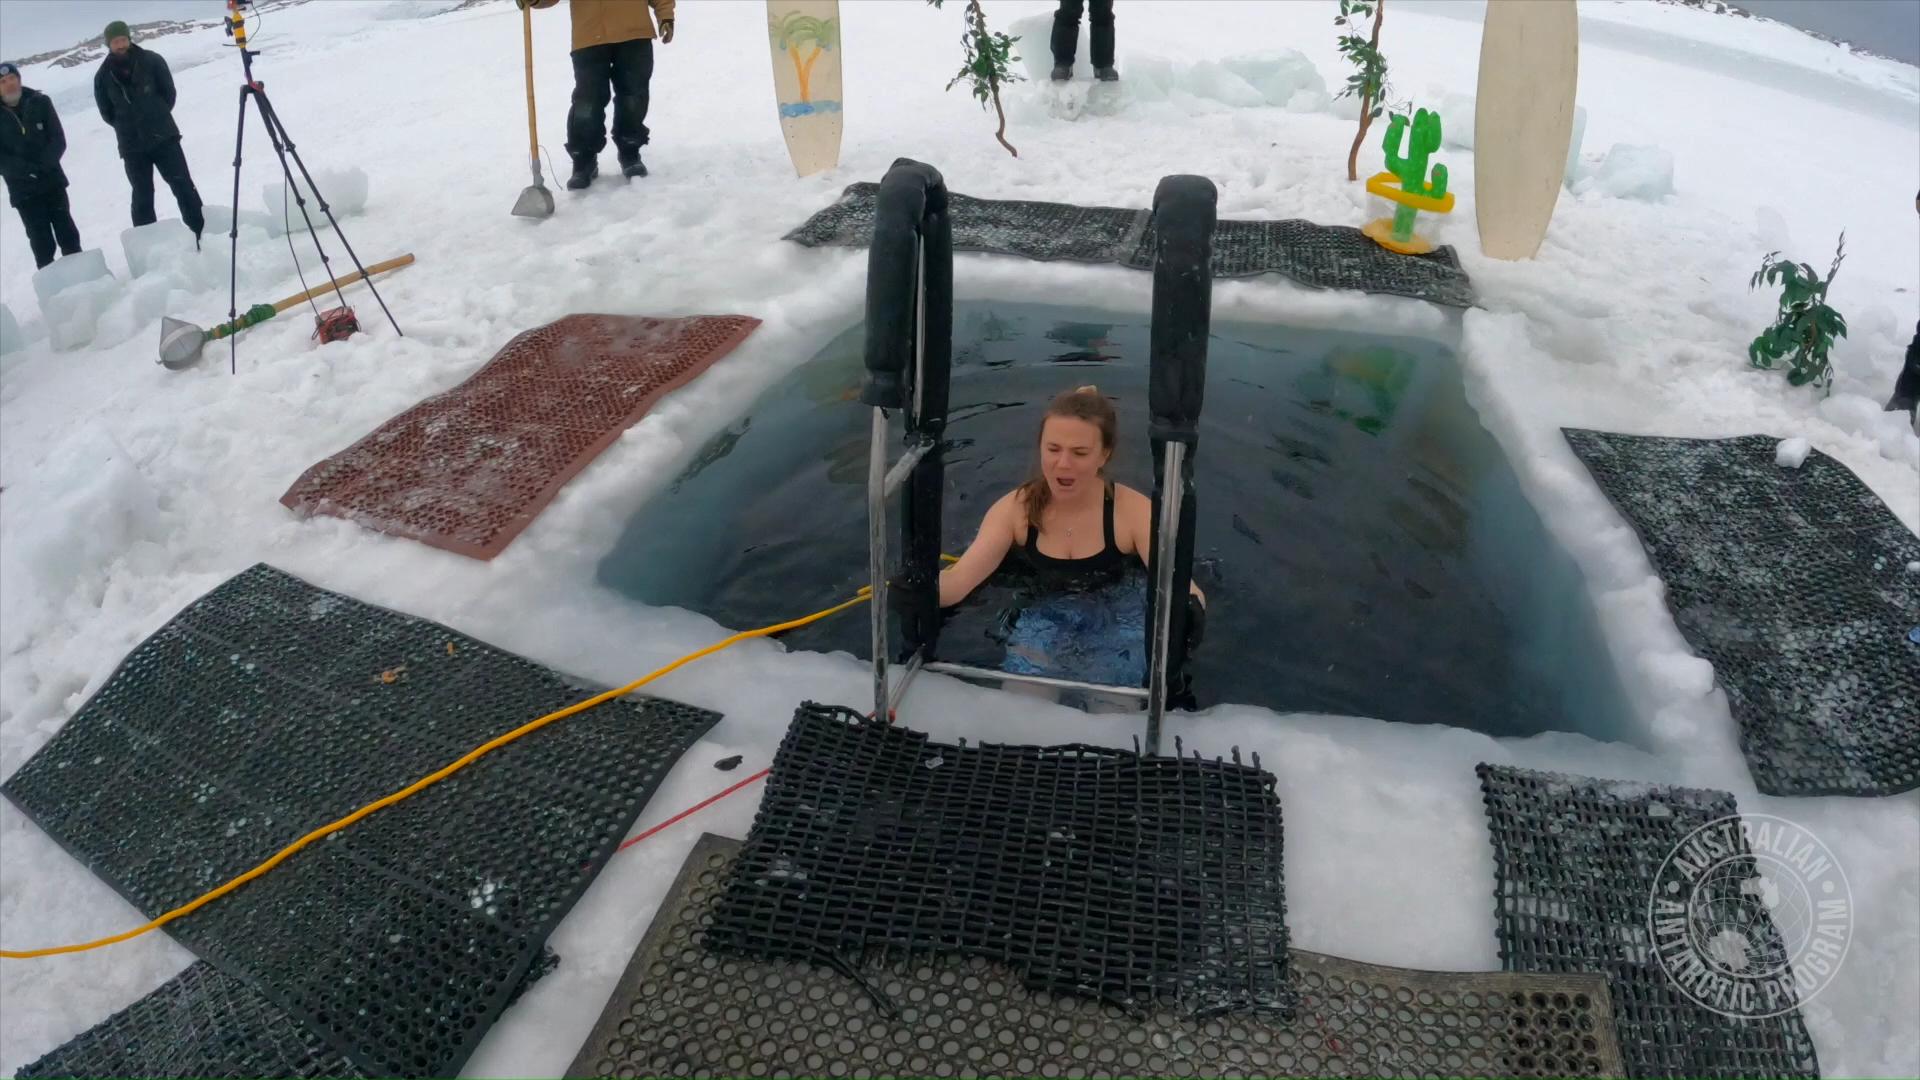 Antarctic researchers celebrate mid-winter with sub-zero swim